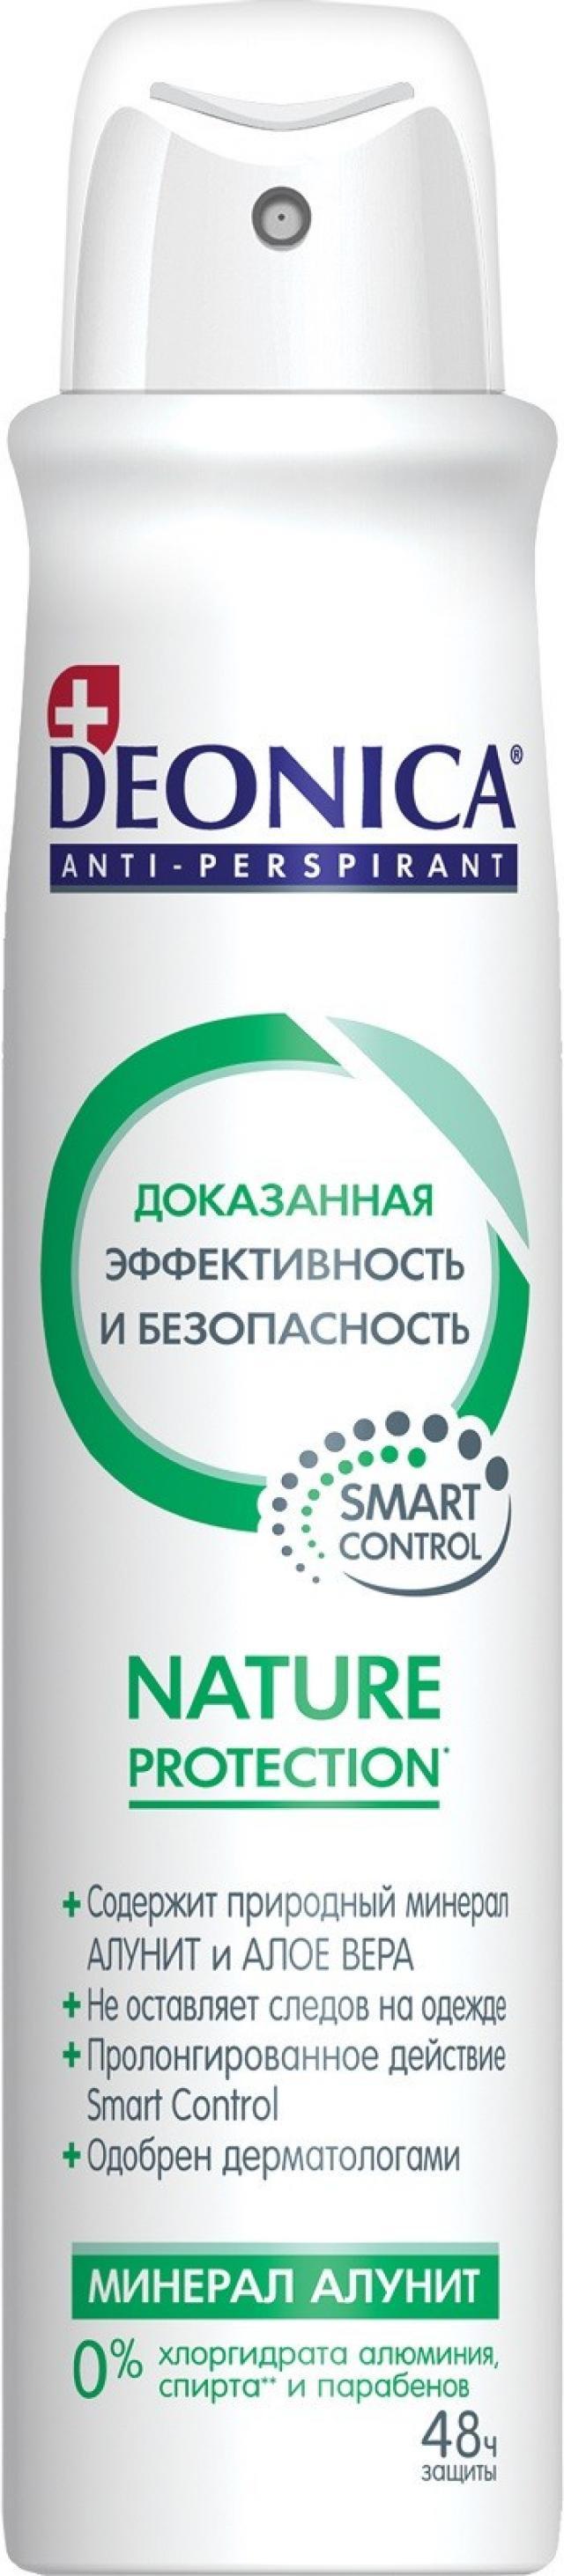 Деоника дезодорант-спрей Натурпротекшн 200мл купить в Москве по цене от 0 рублей